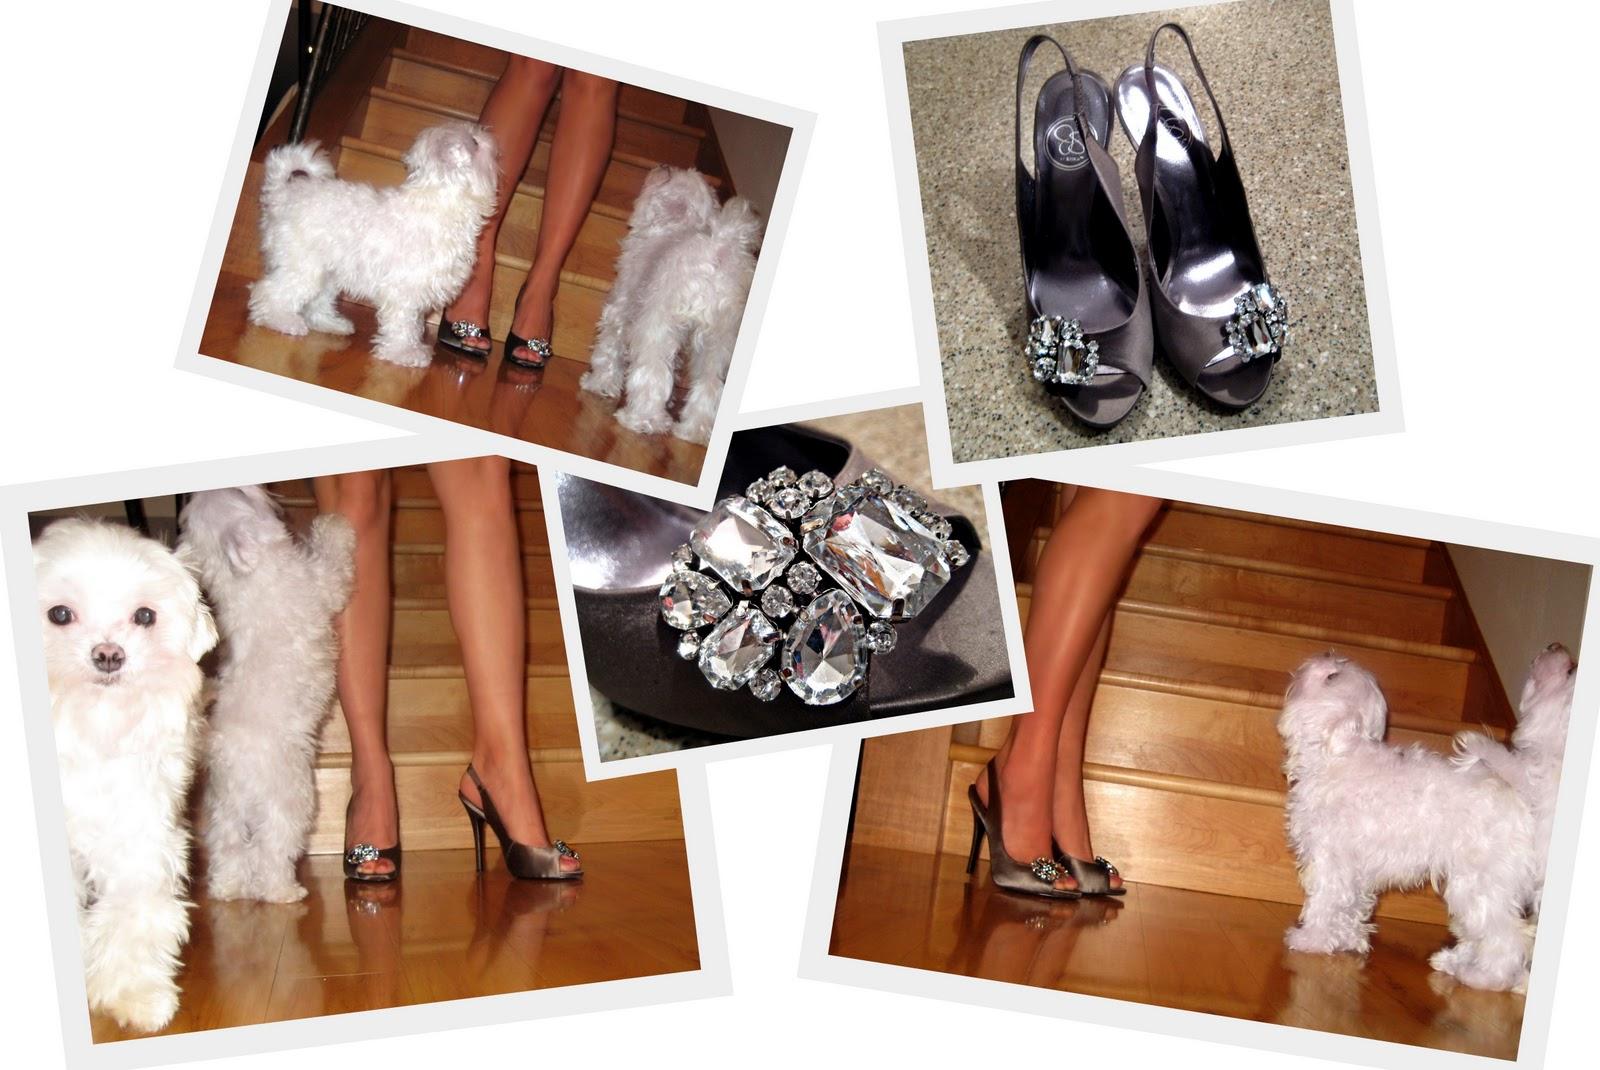 http://2.bp.blogspot.com/_FhopQJCeVu8/TUzClTUWiwI/AAAAAAAACo4/KSTLdHx9qMc/s1600/2011-01-21+Jessica+Simpson+Shoes.jpg